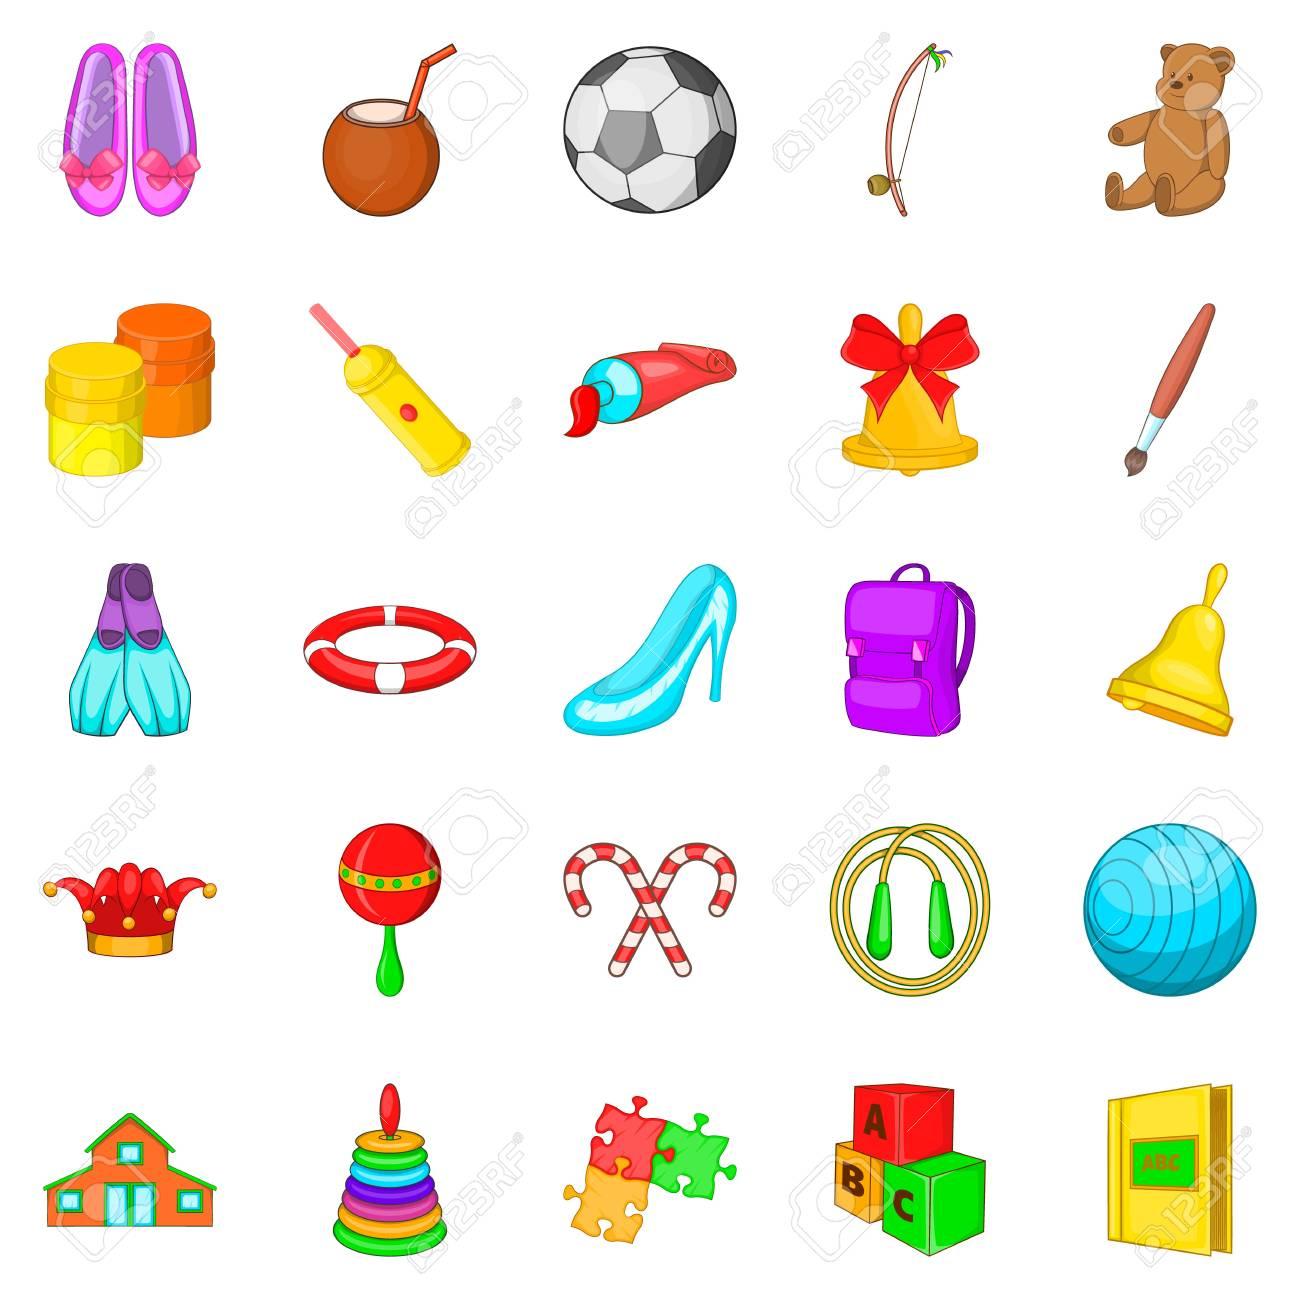 banque dimages dcoration pour ensemble dicnes de fille jeu de dessin anim de 25 dcoration pour les icnes vectorielles de fille pour le web isol